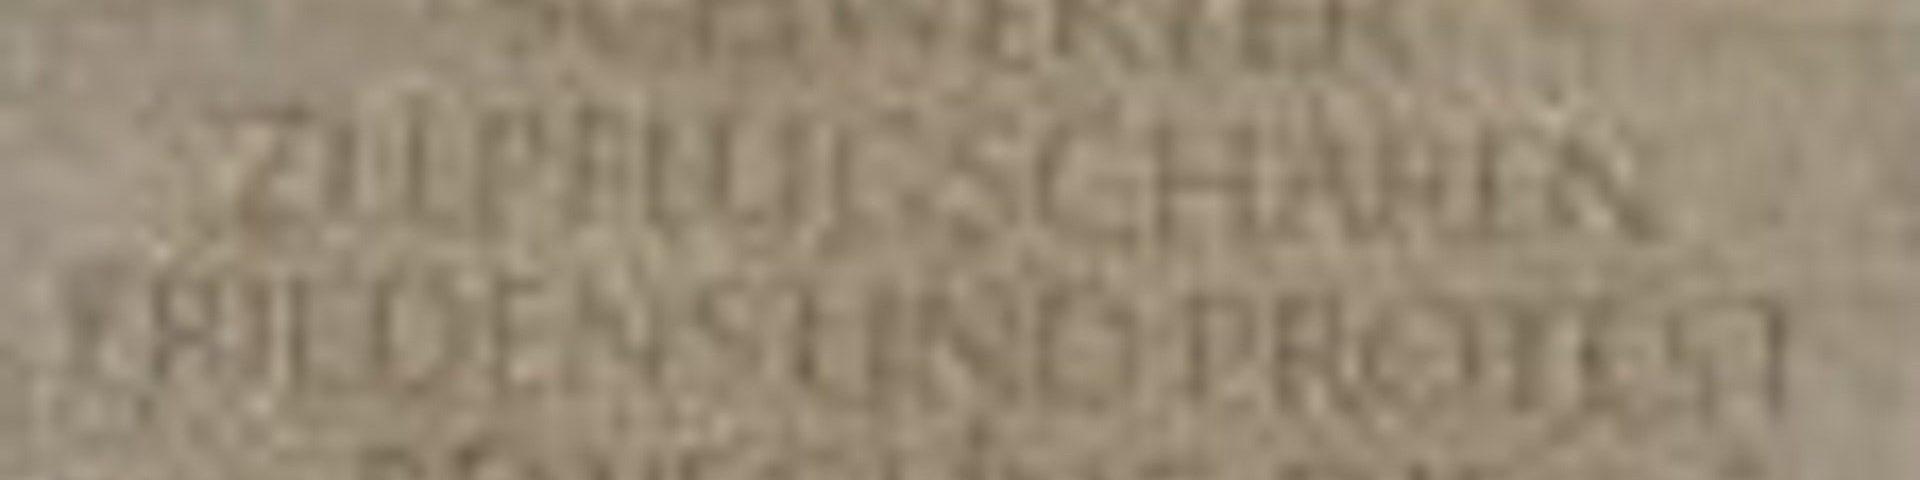 Präsentation der erweiterten Inschrift am Denkmal »Steine des Anstoßes«